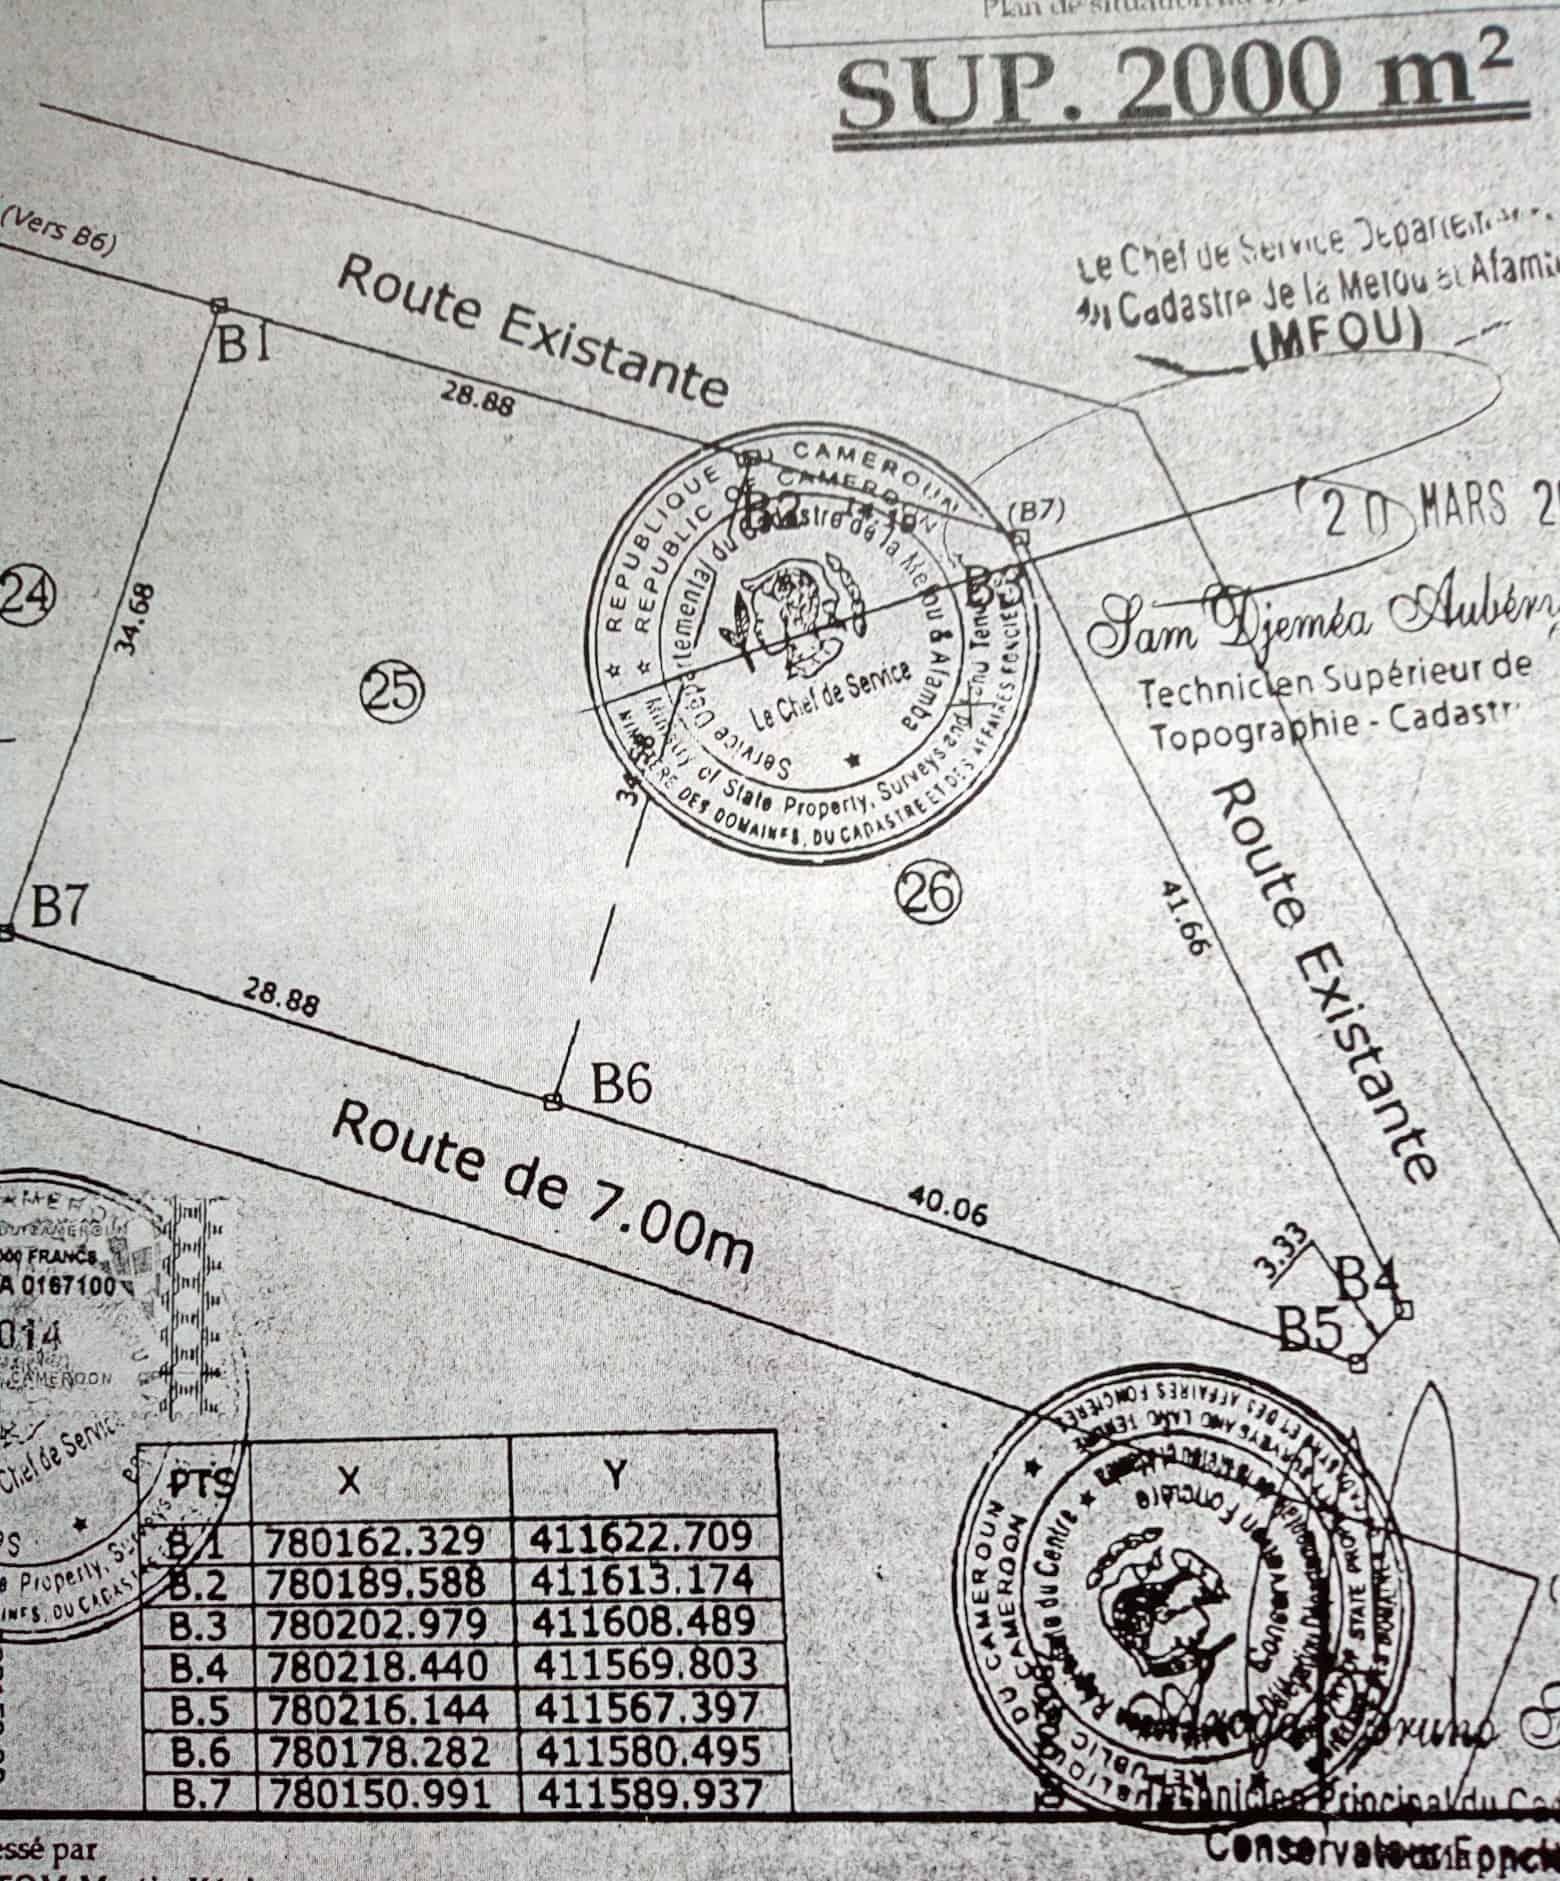 Land for sale at Yaoundé, Nsimalen, Ecole publique - 500 m2 - 4 000 000 FCFA